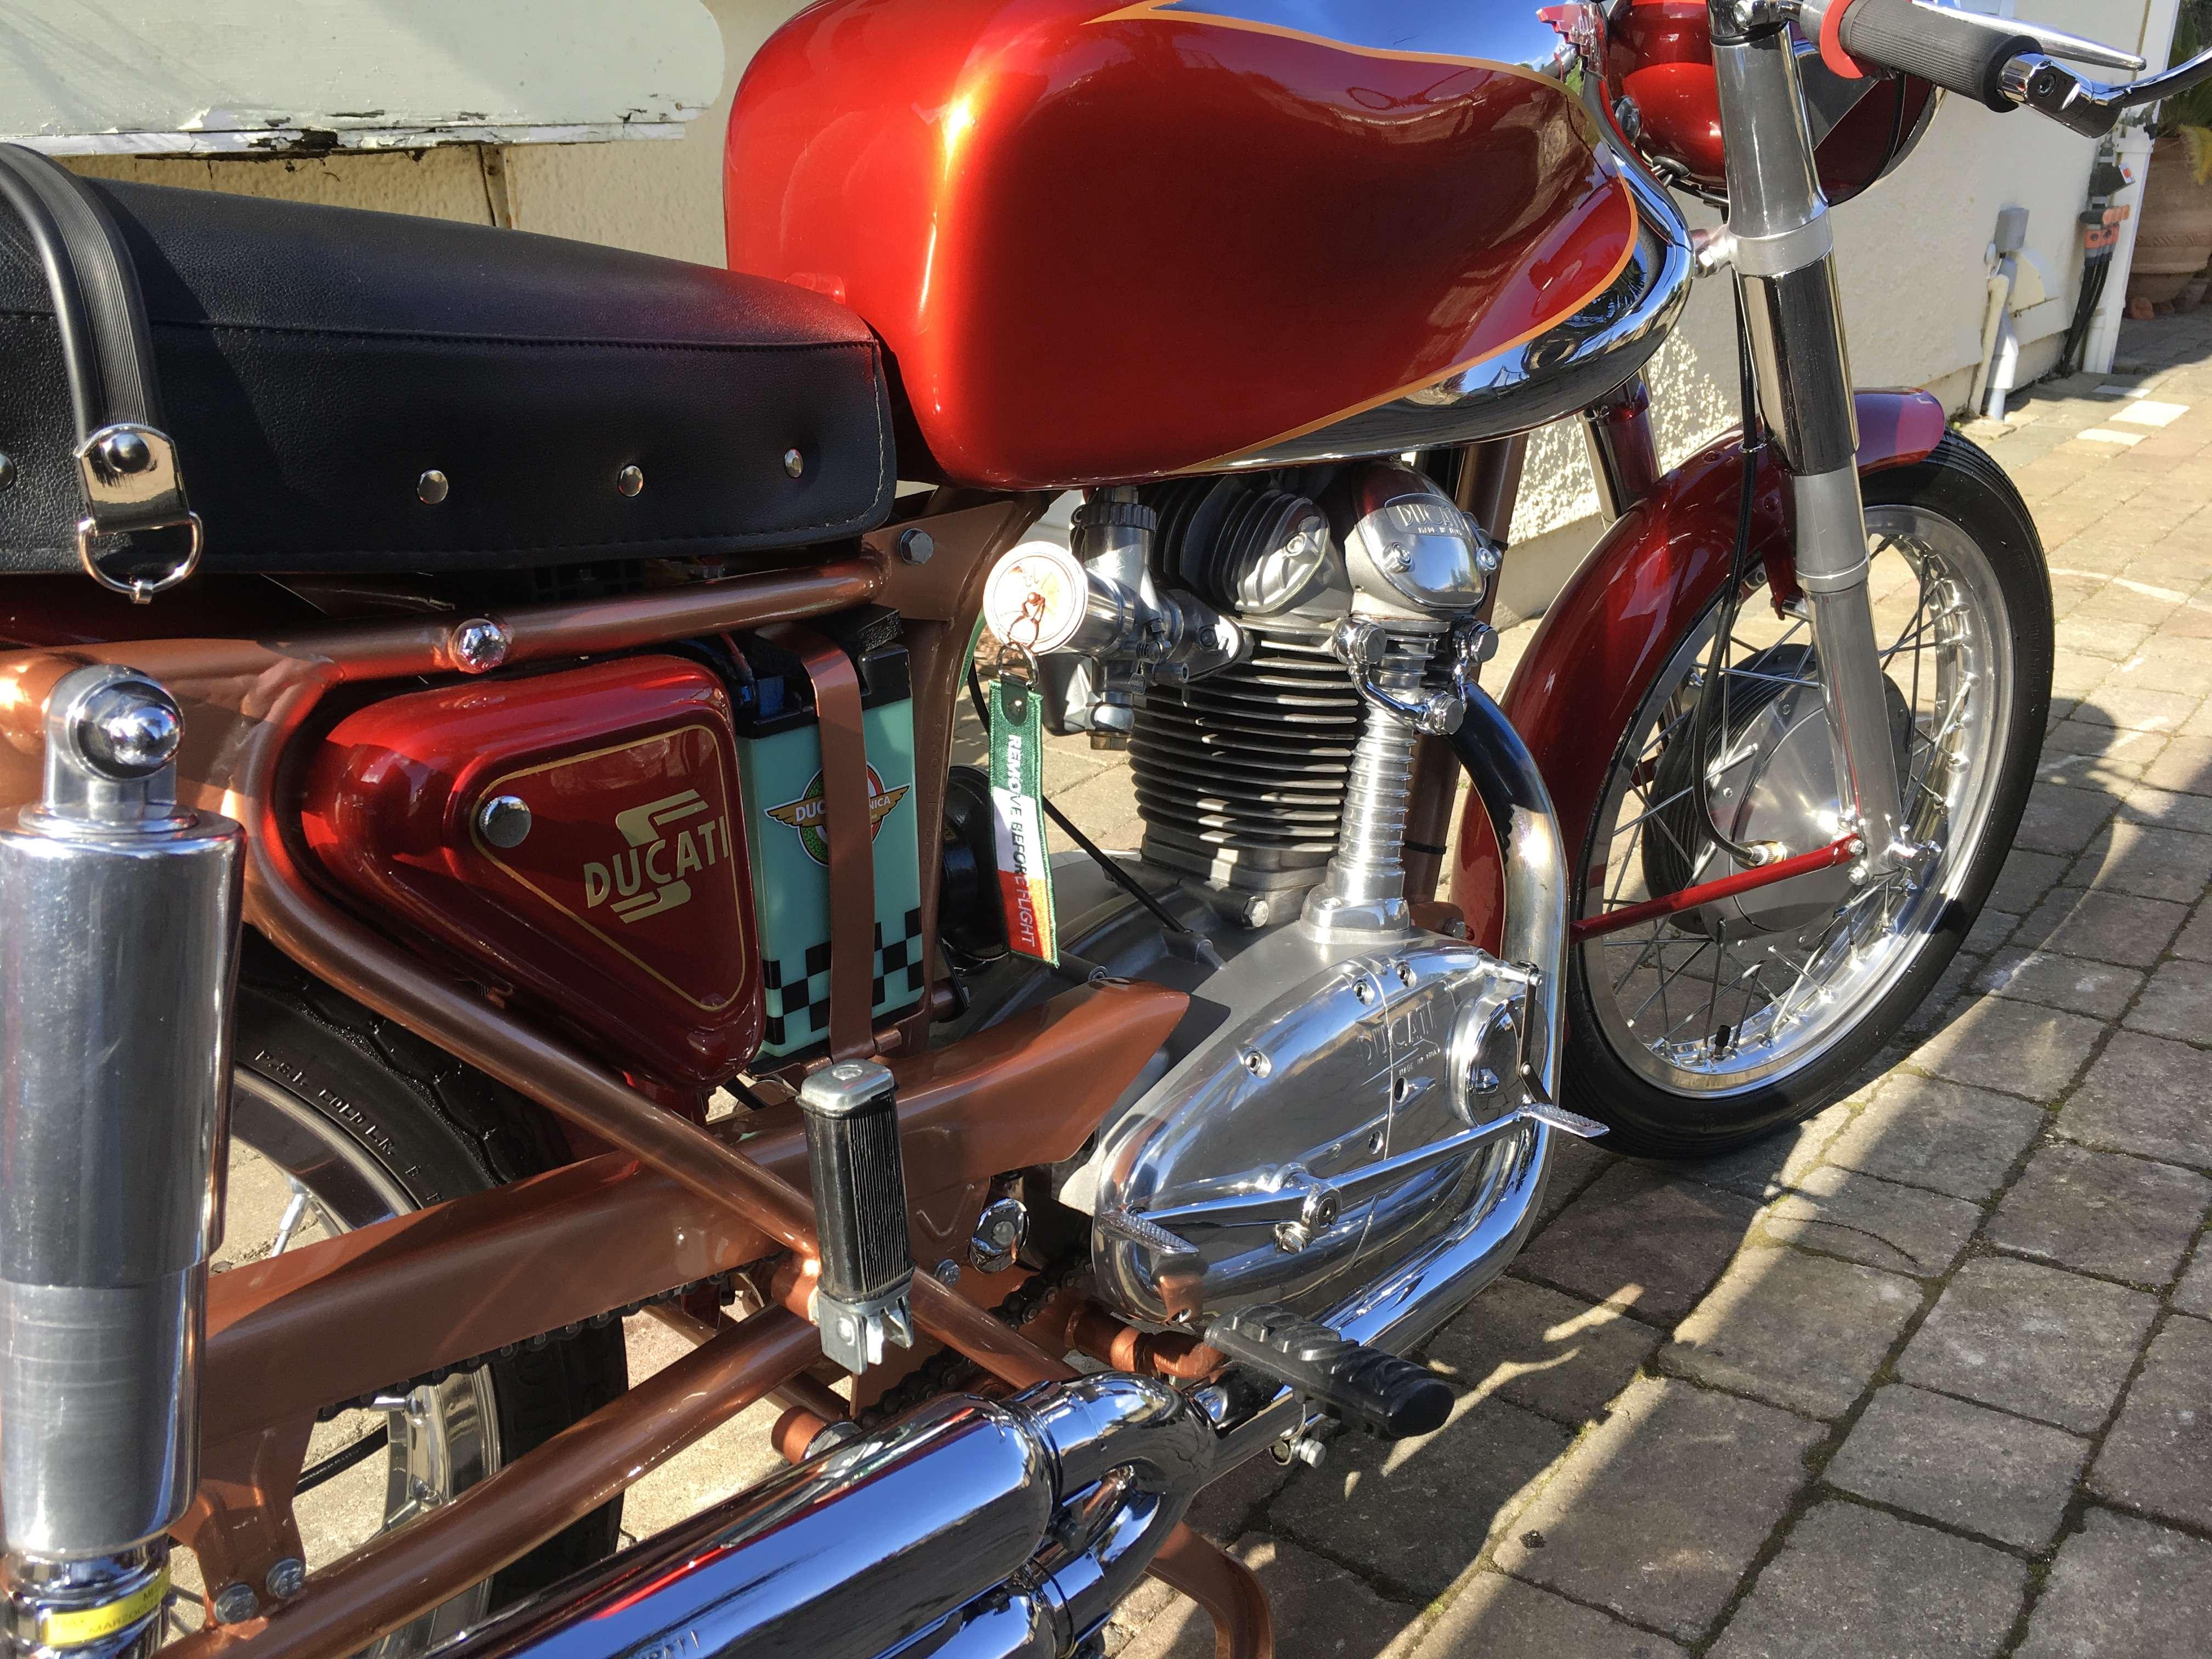 Ducati 200 Elite 6